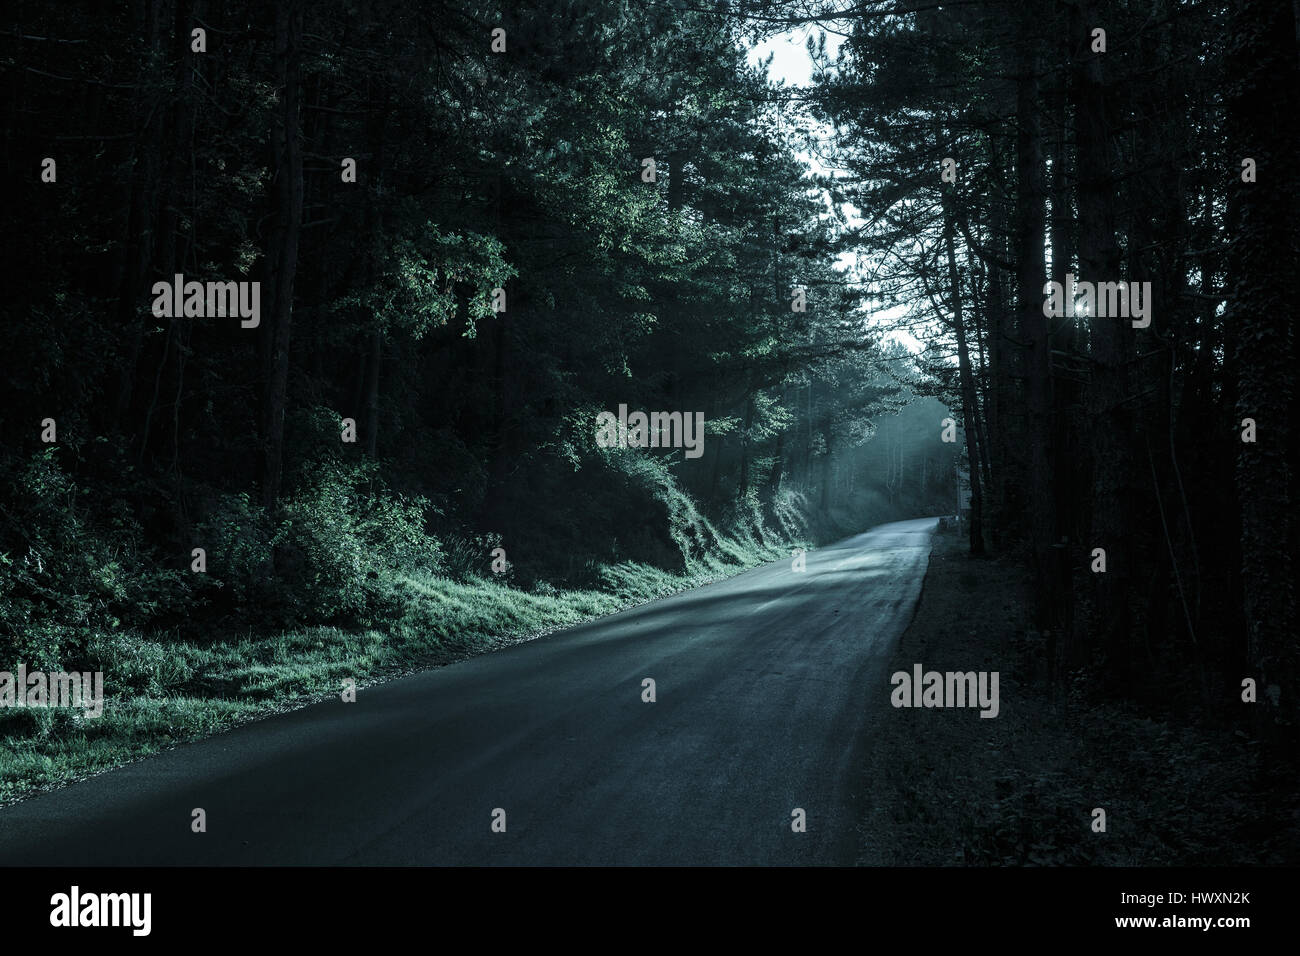 Spooky bosque oscuro con carretera vacía en desaparecía la luz. Emocional, gótico, de fondo inquietante Imagen De Stock